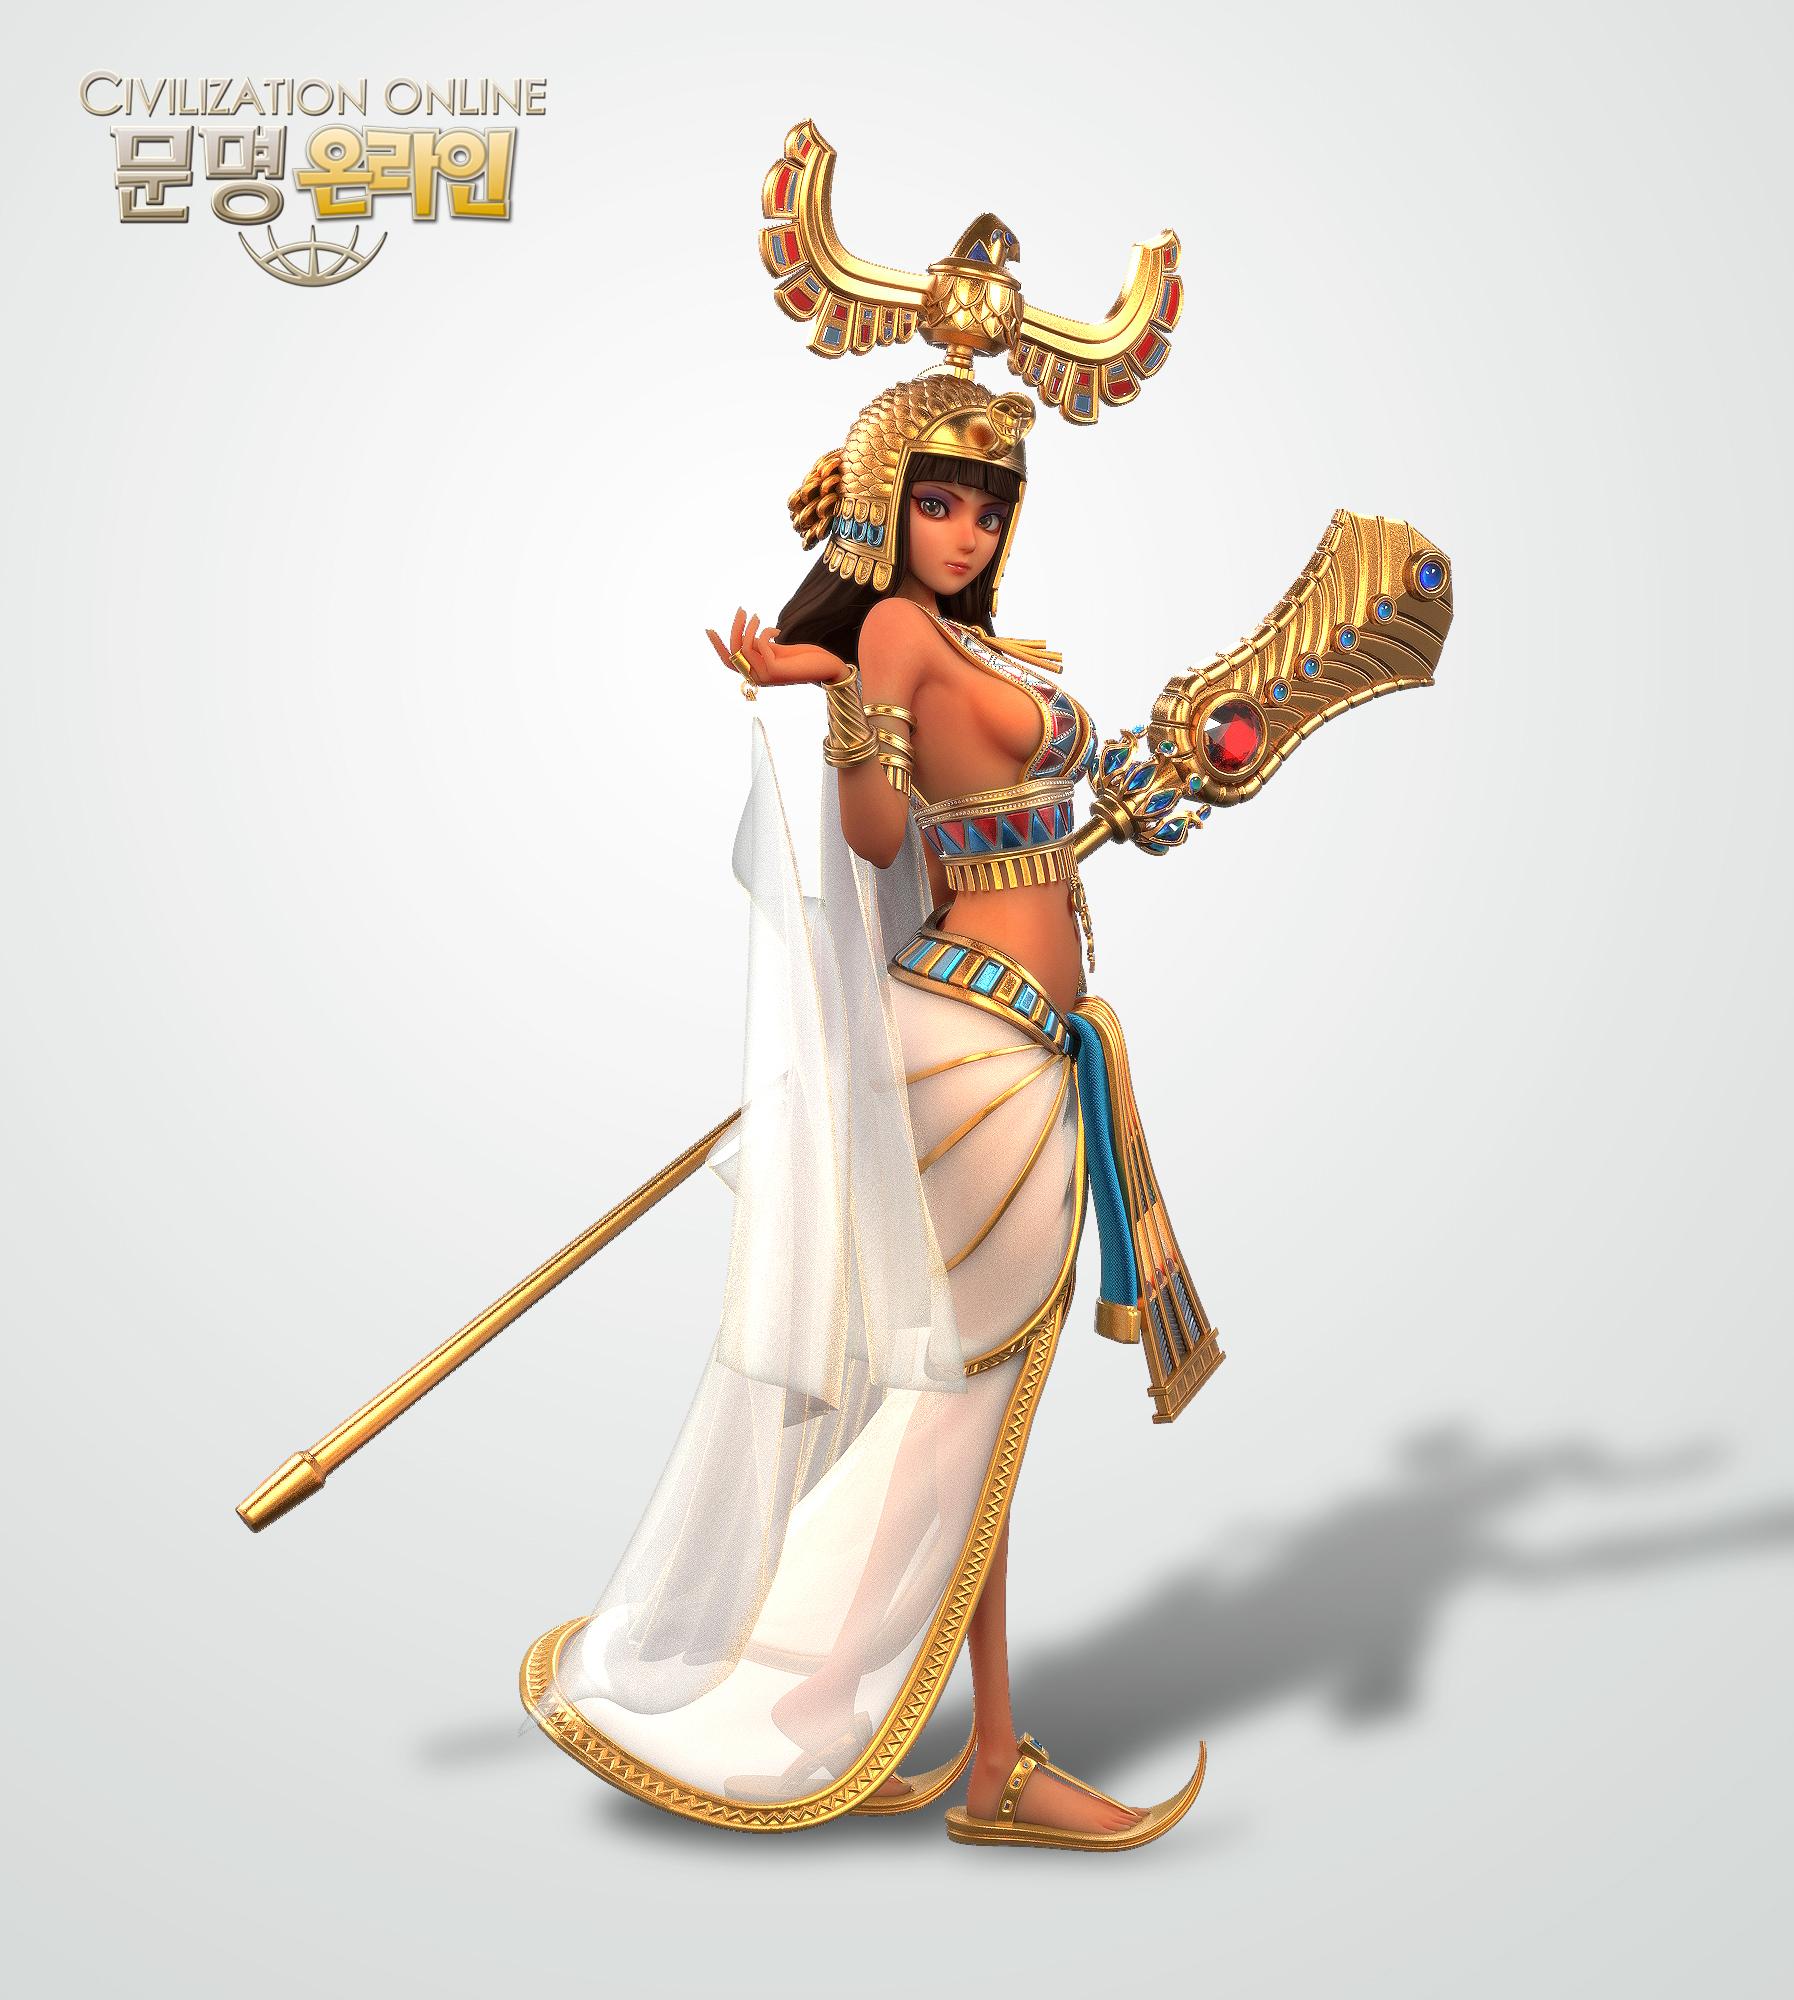 Các nền văn minh trong Civilization Online - Ảnh 14